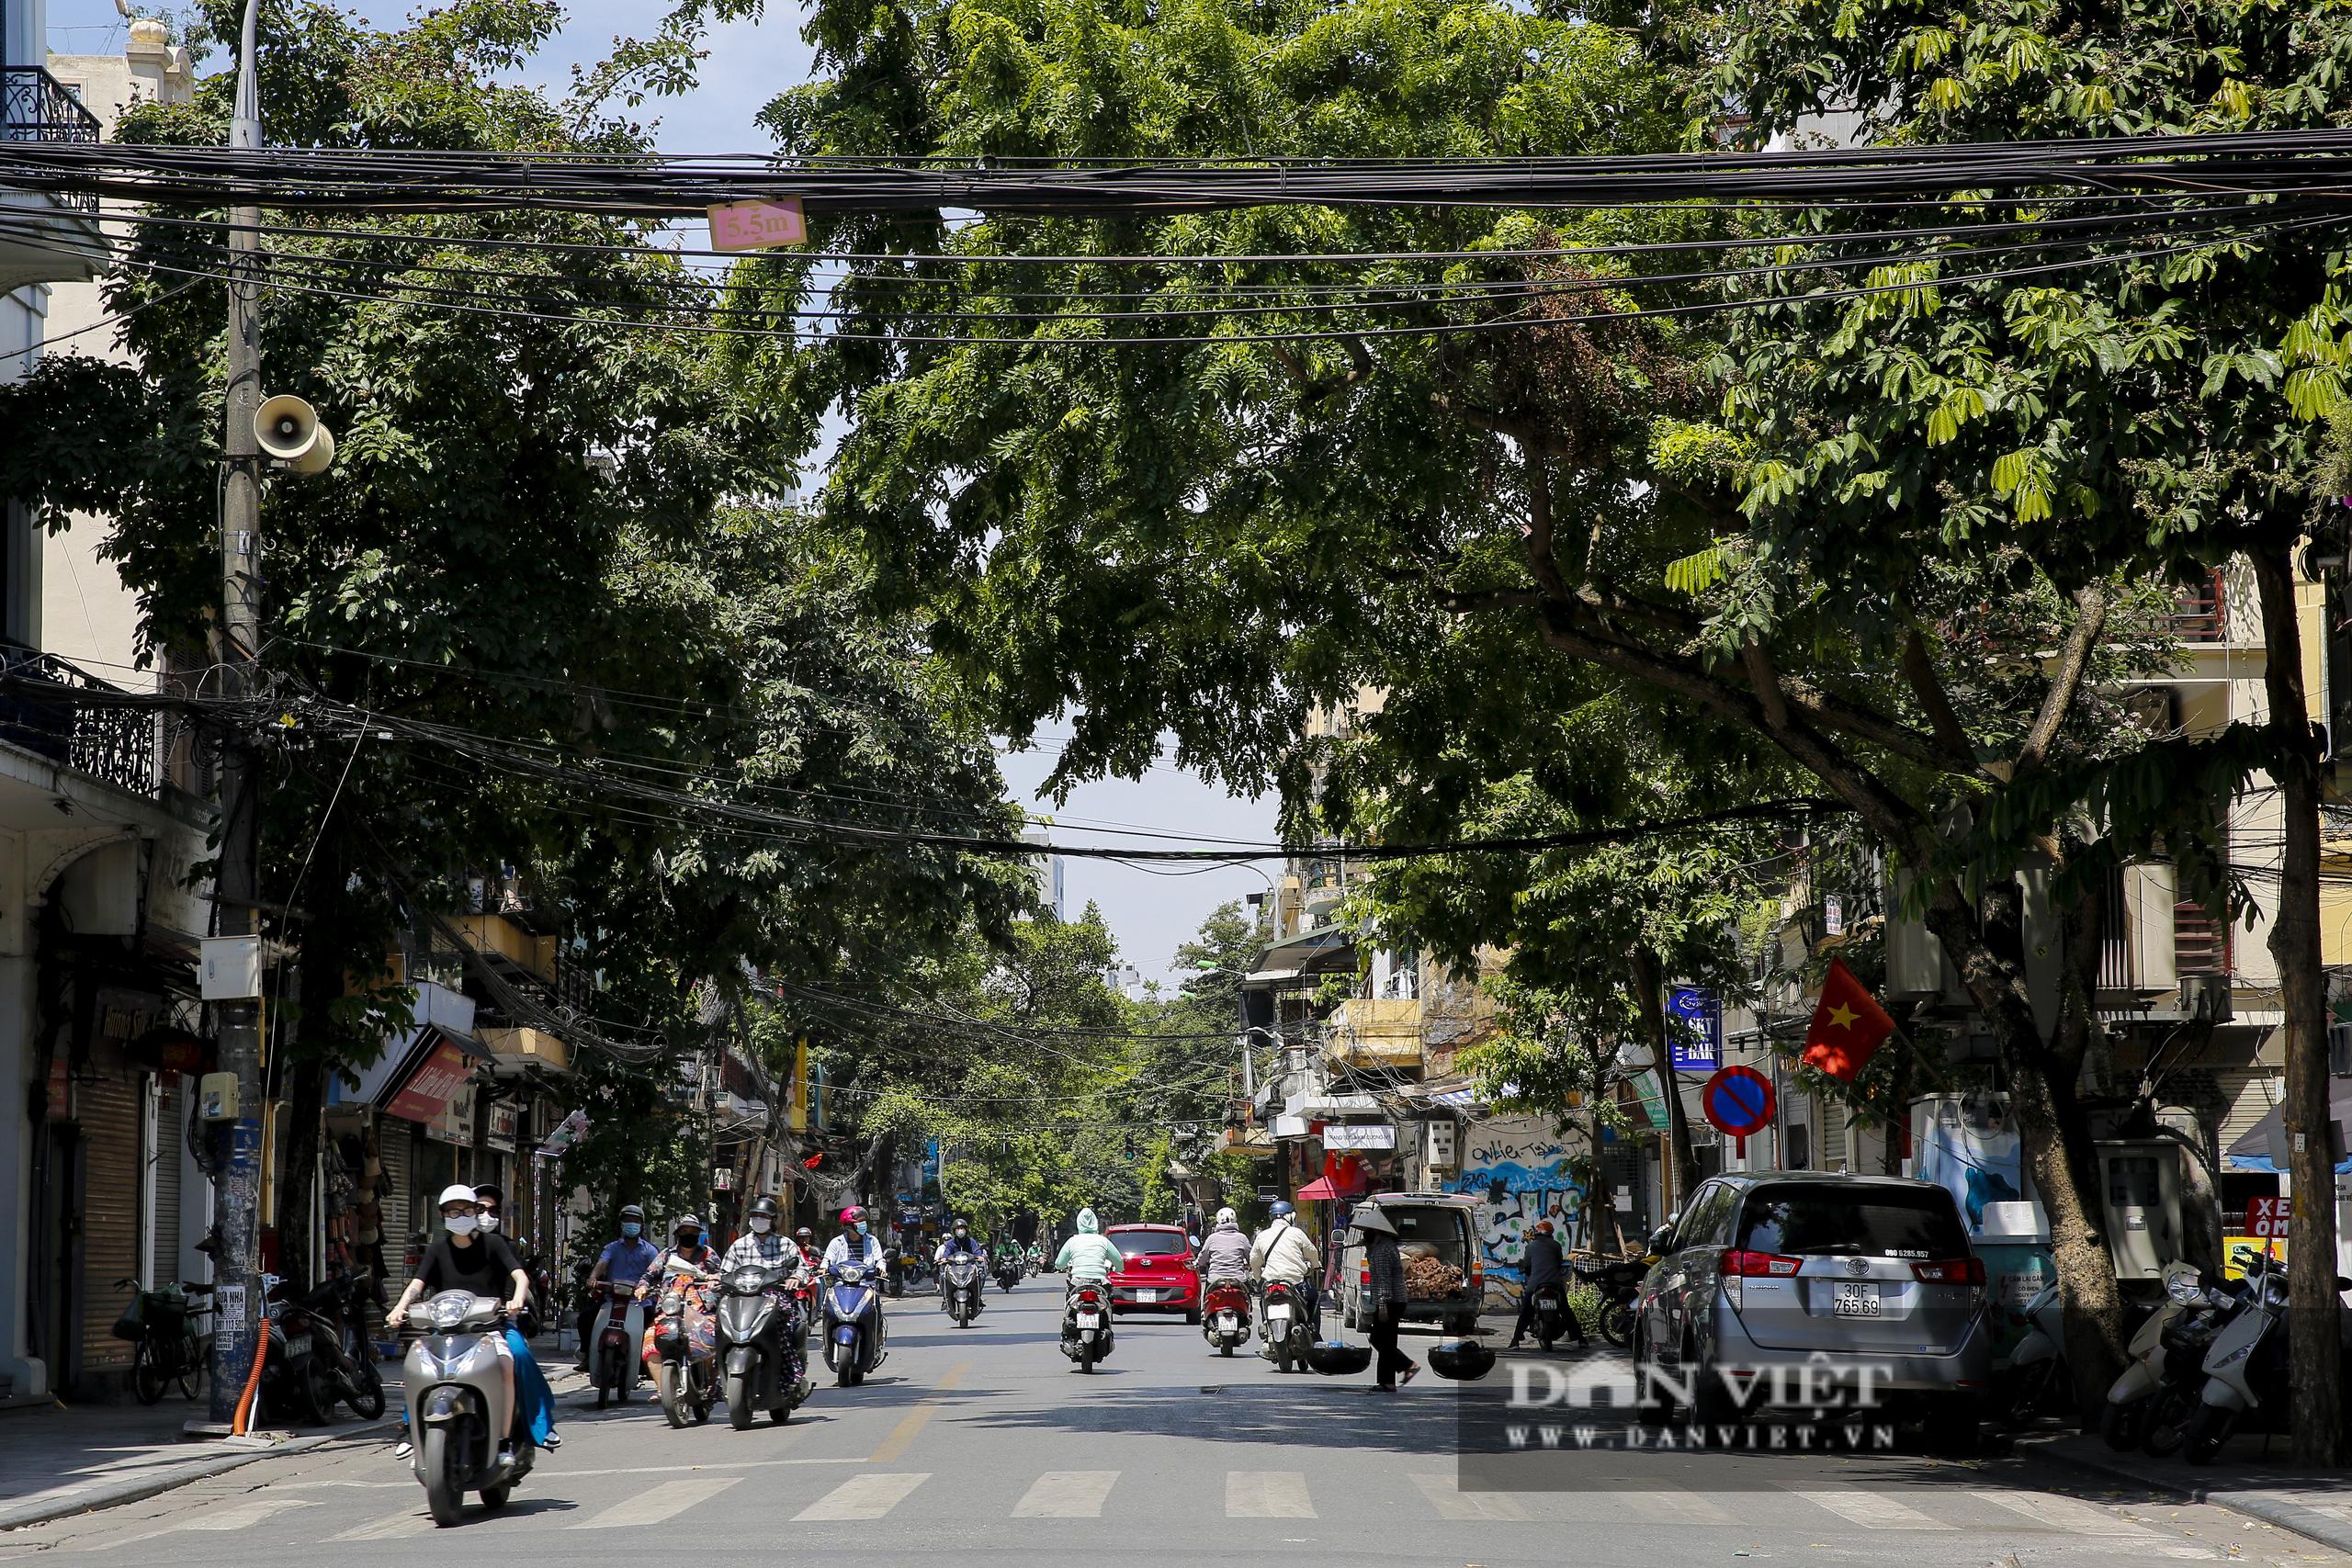 Hà Nội: Kỳ lạ con phố cổ dài 1 Km nhưng có 6 tên gọi khác nhau - Ảnh 1.